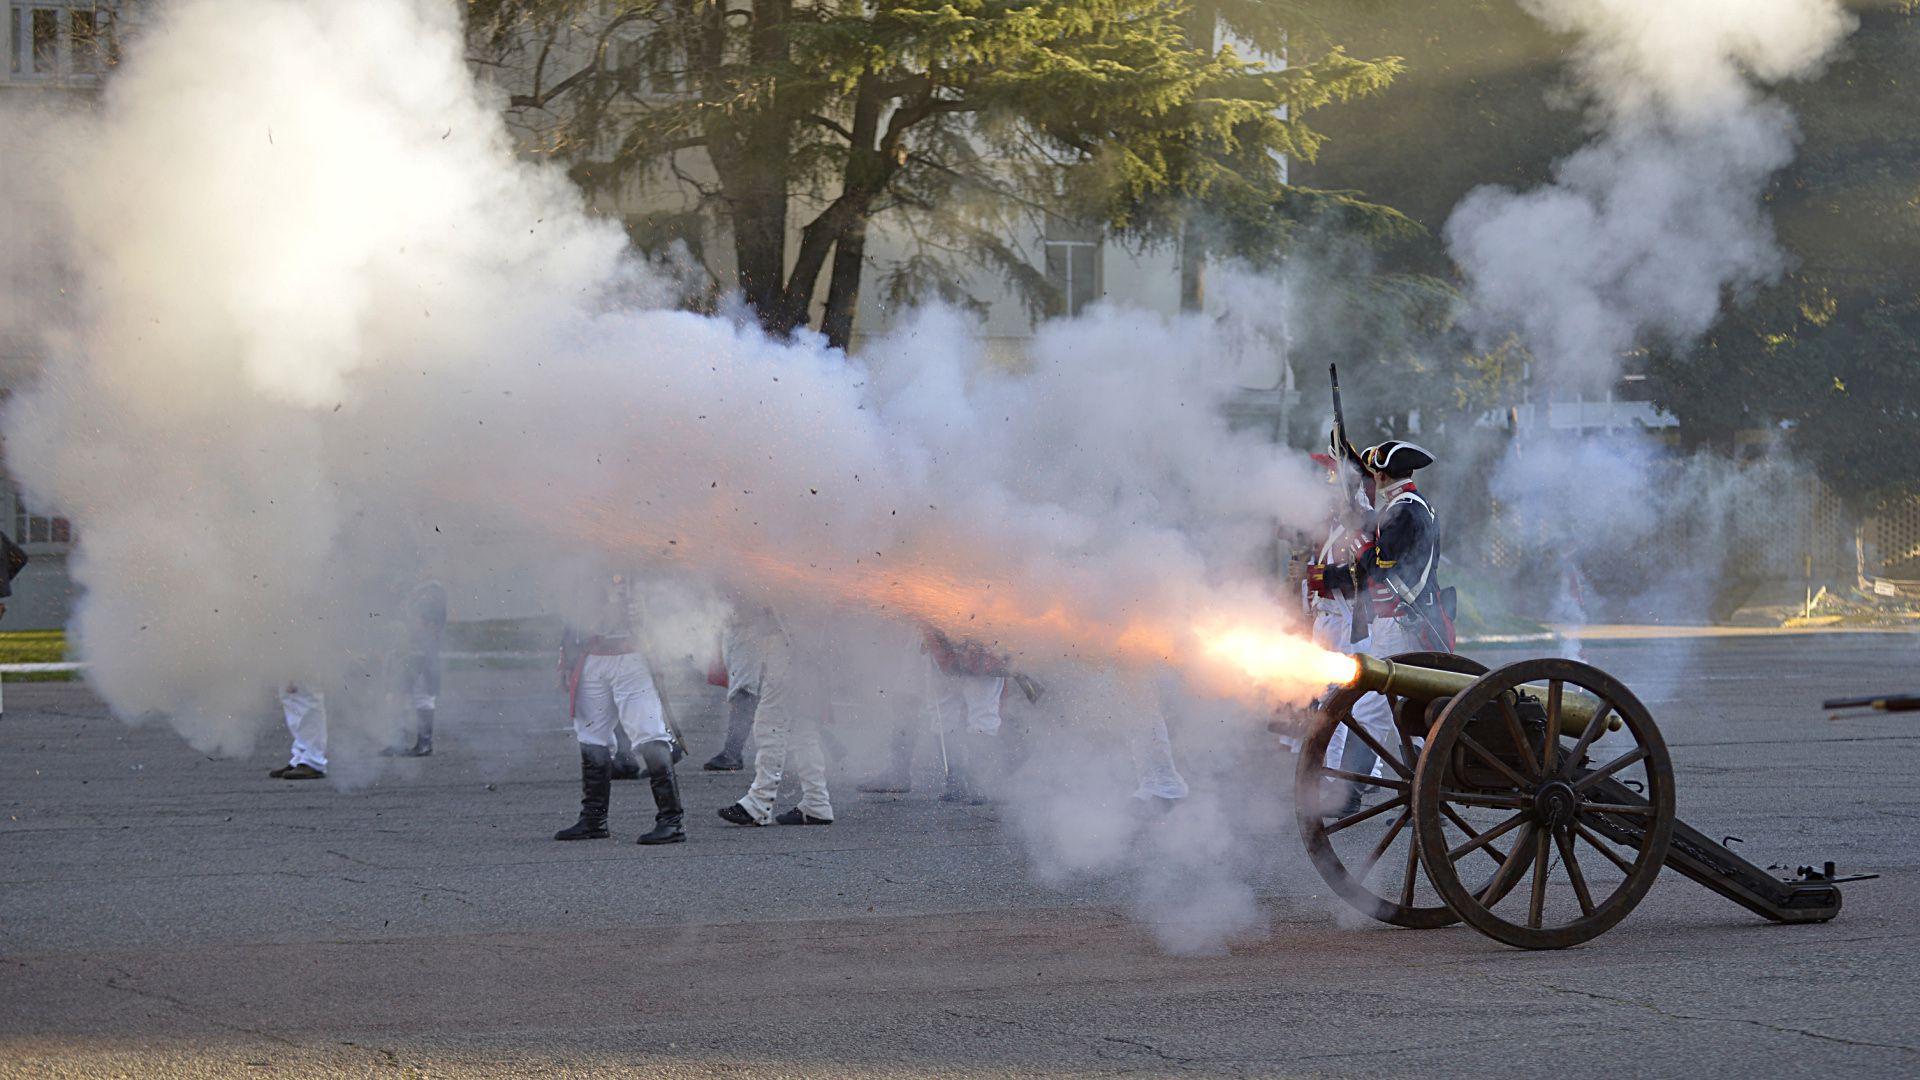 Caracterizando la época napoleónica americana, participaron los grupos de Artilleros de la Patria, BA Royal Marines, BA Scotish Guard, Banda de Gaitas ciudad de Buenos Aires, Real Cuerpo de Blandengues, y los Corsarios del Plata